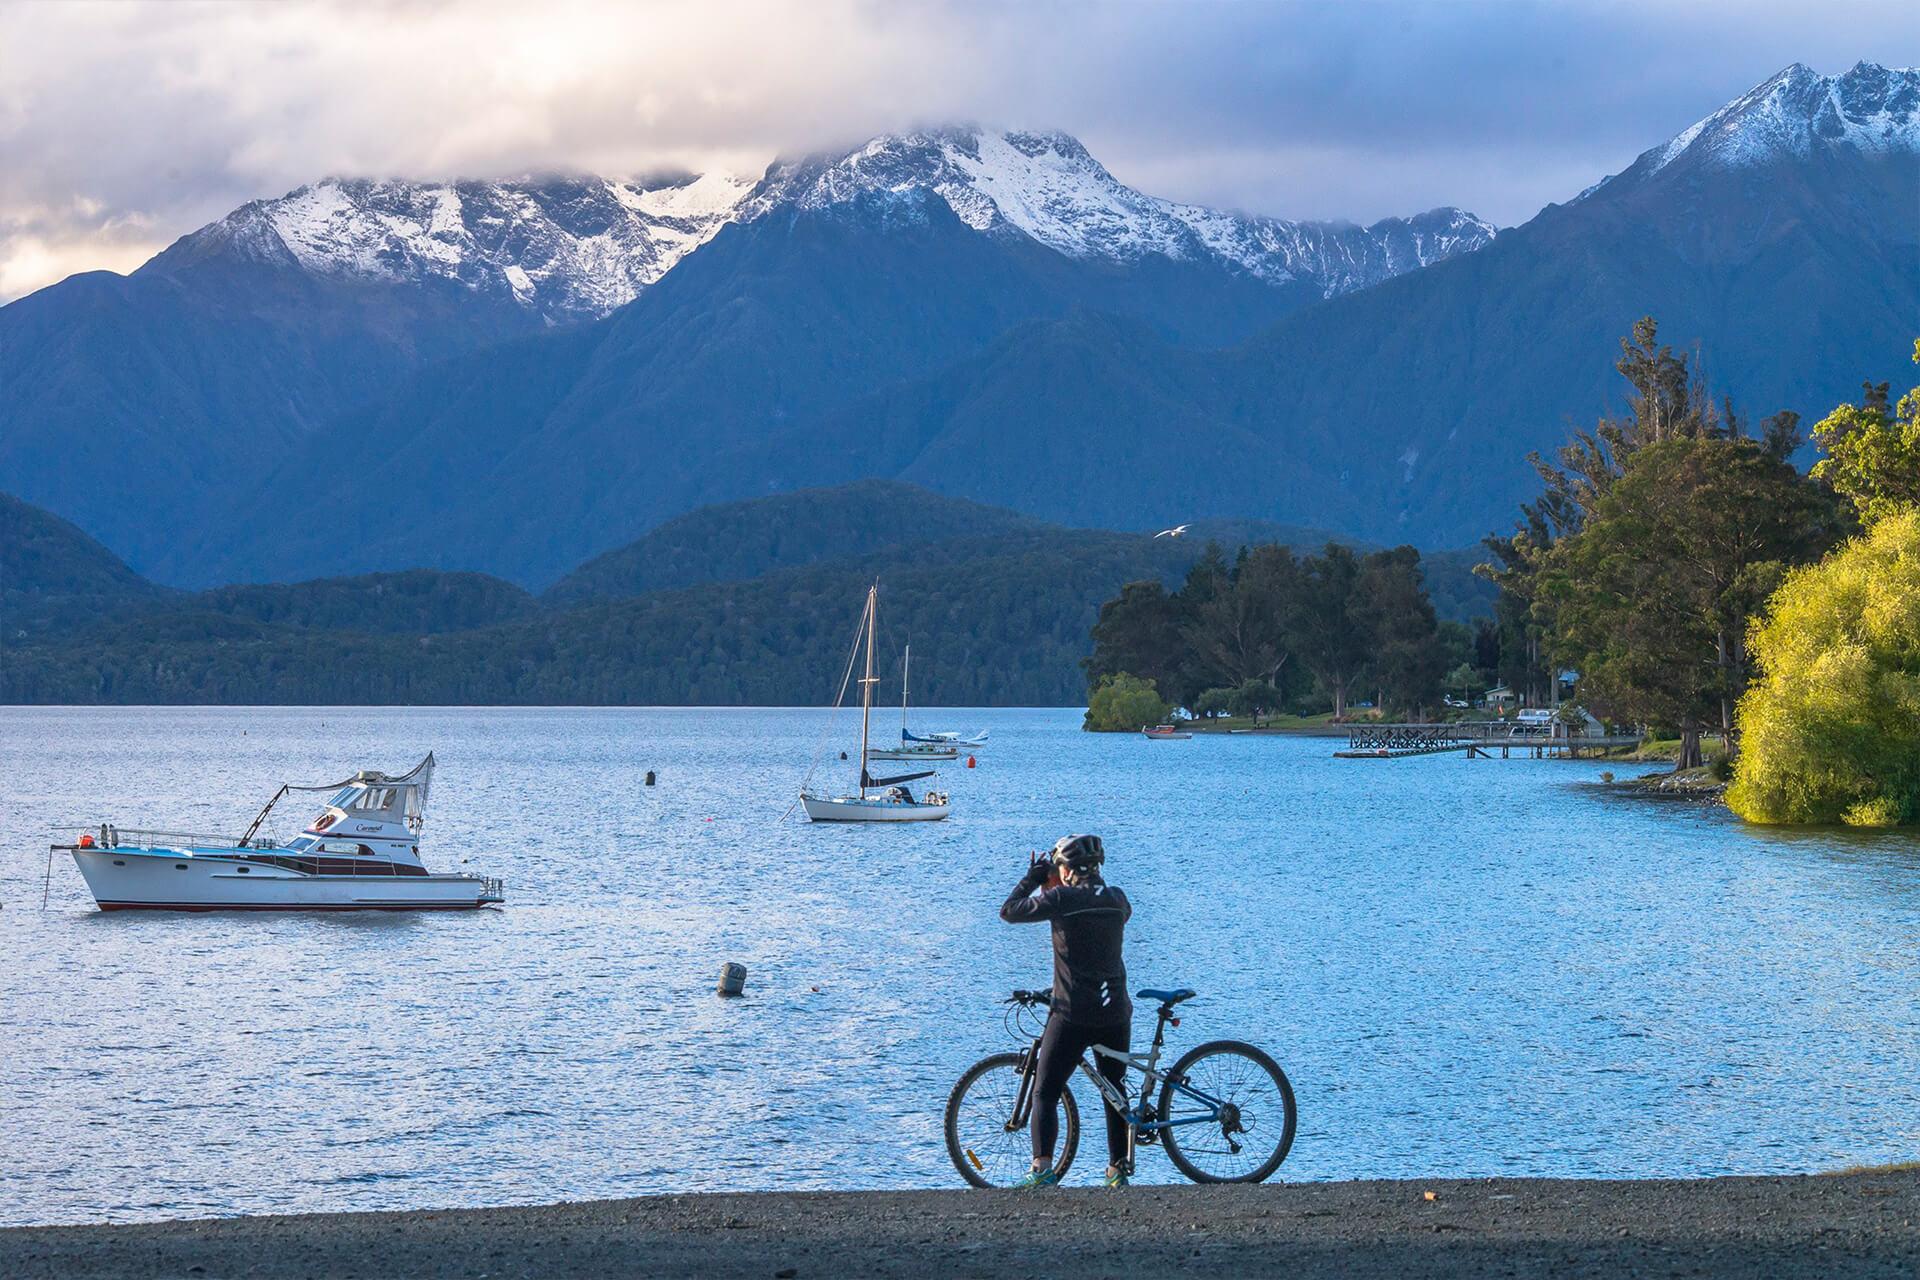 View of Lake Te Anau